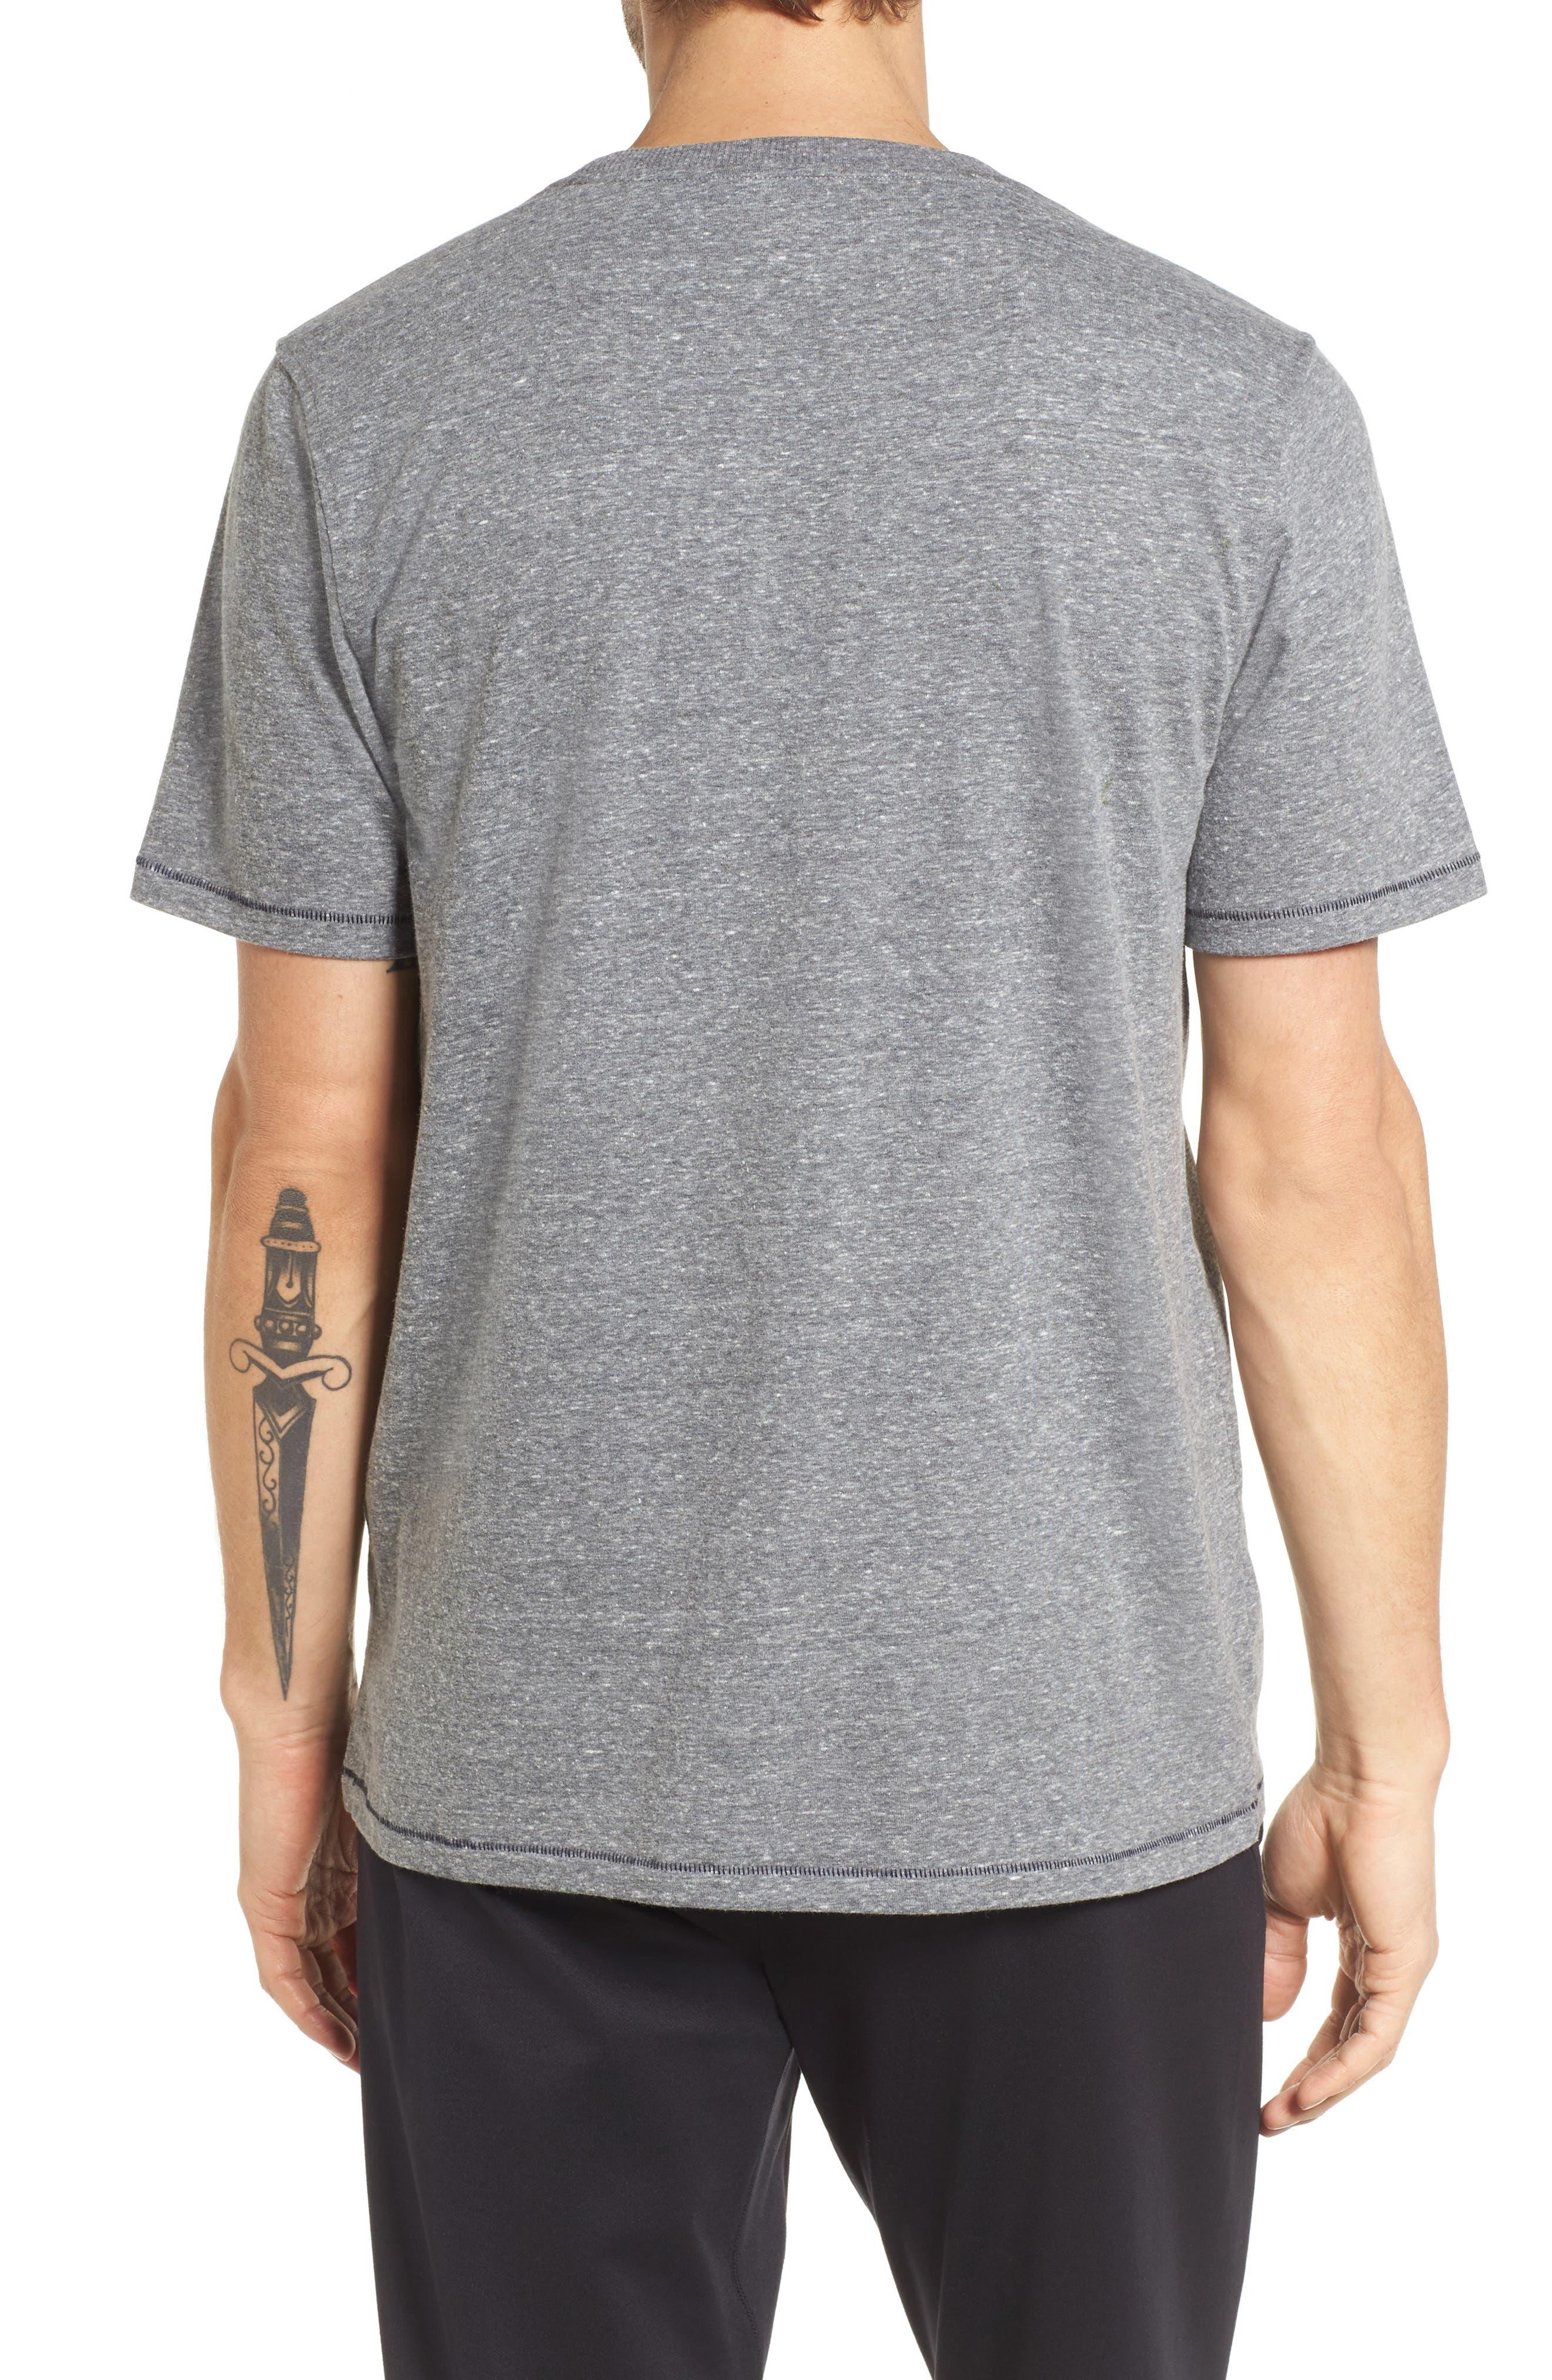 Benjamin Crewneck T-Shirt,                             Alternate thumbnail 2, color,                             GREY HEATHER